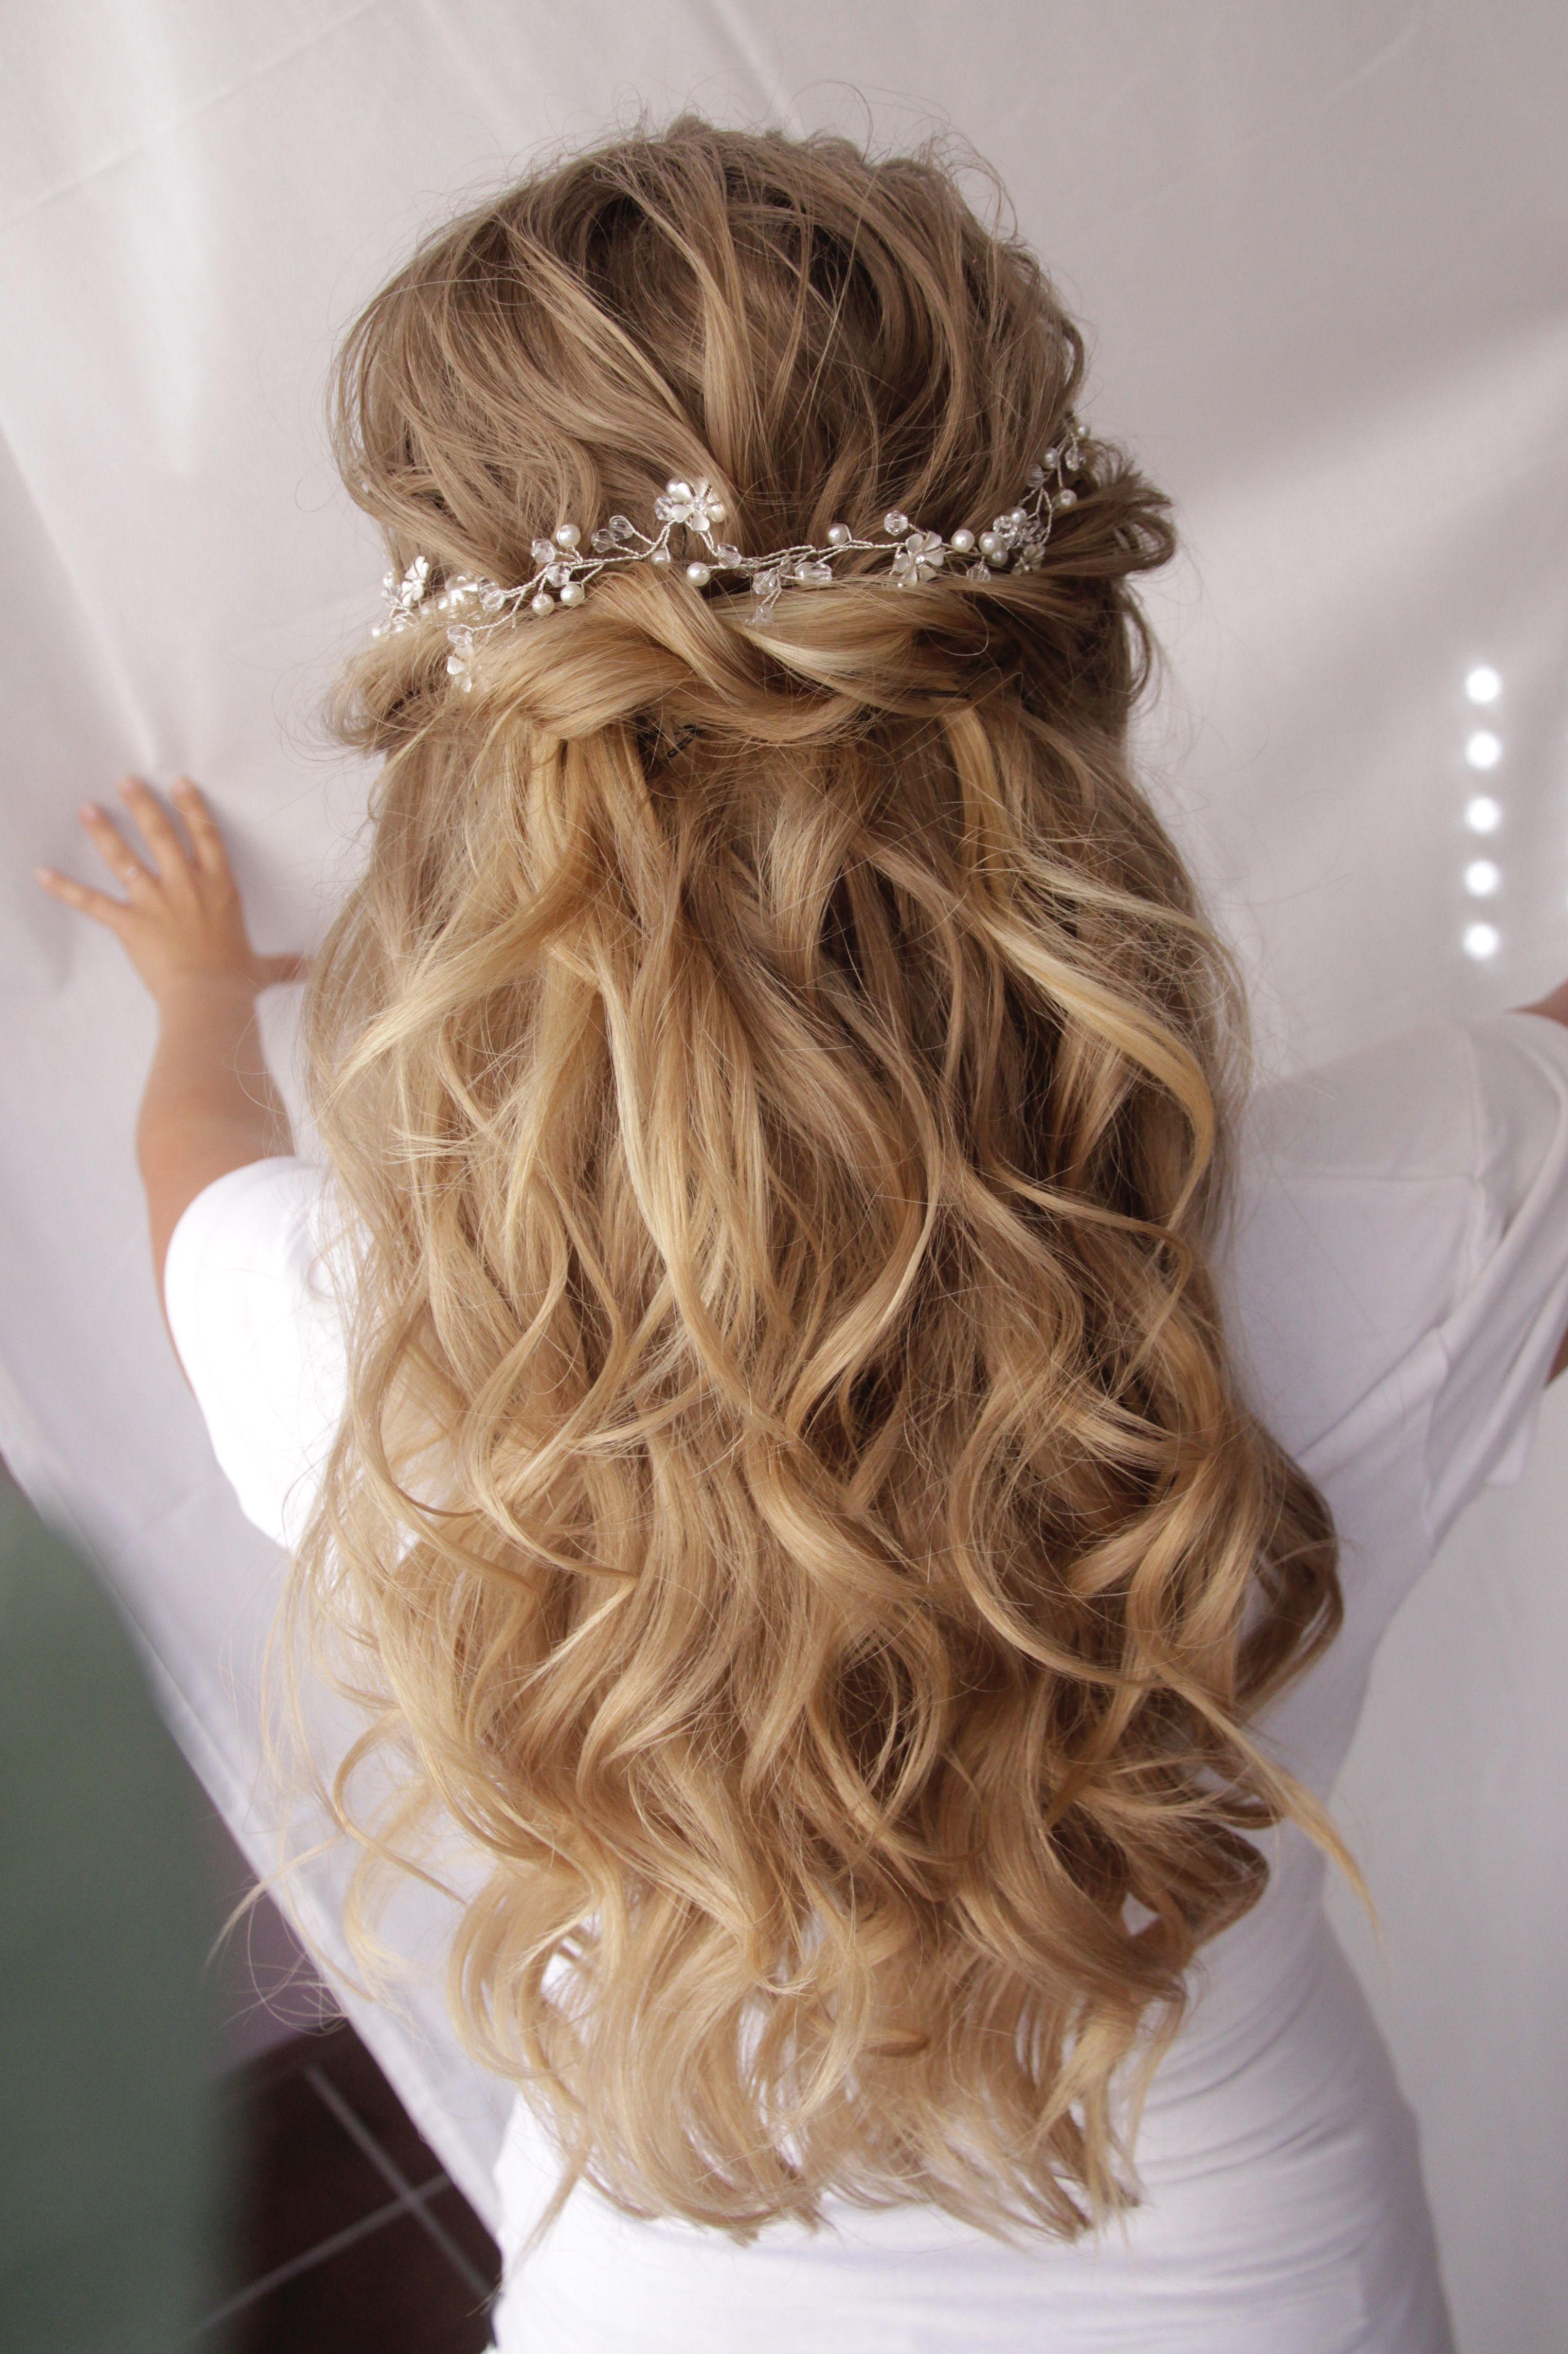 Bridal Hairstyle  Frisur trauzeugin, Frisur hochzeit, Frisur